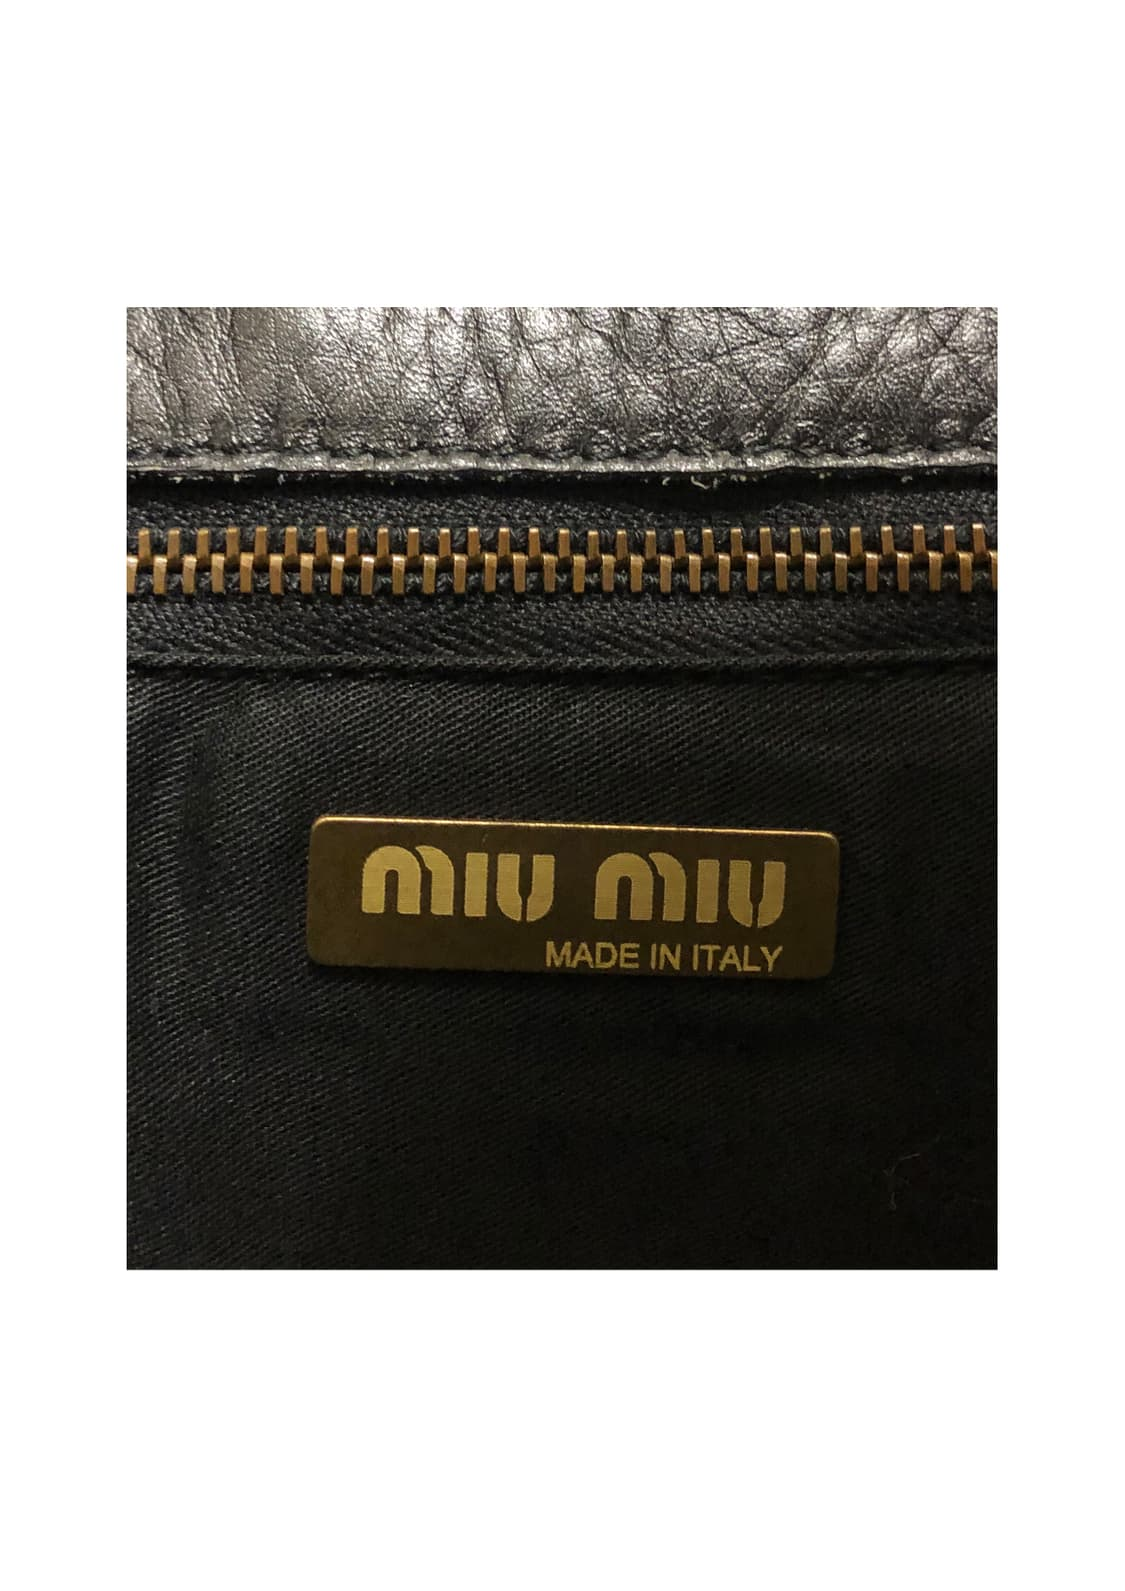 미우 미우 (Miu Miu)